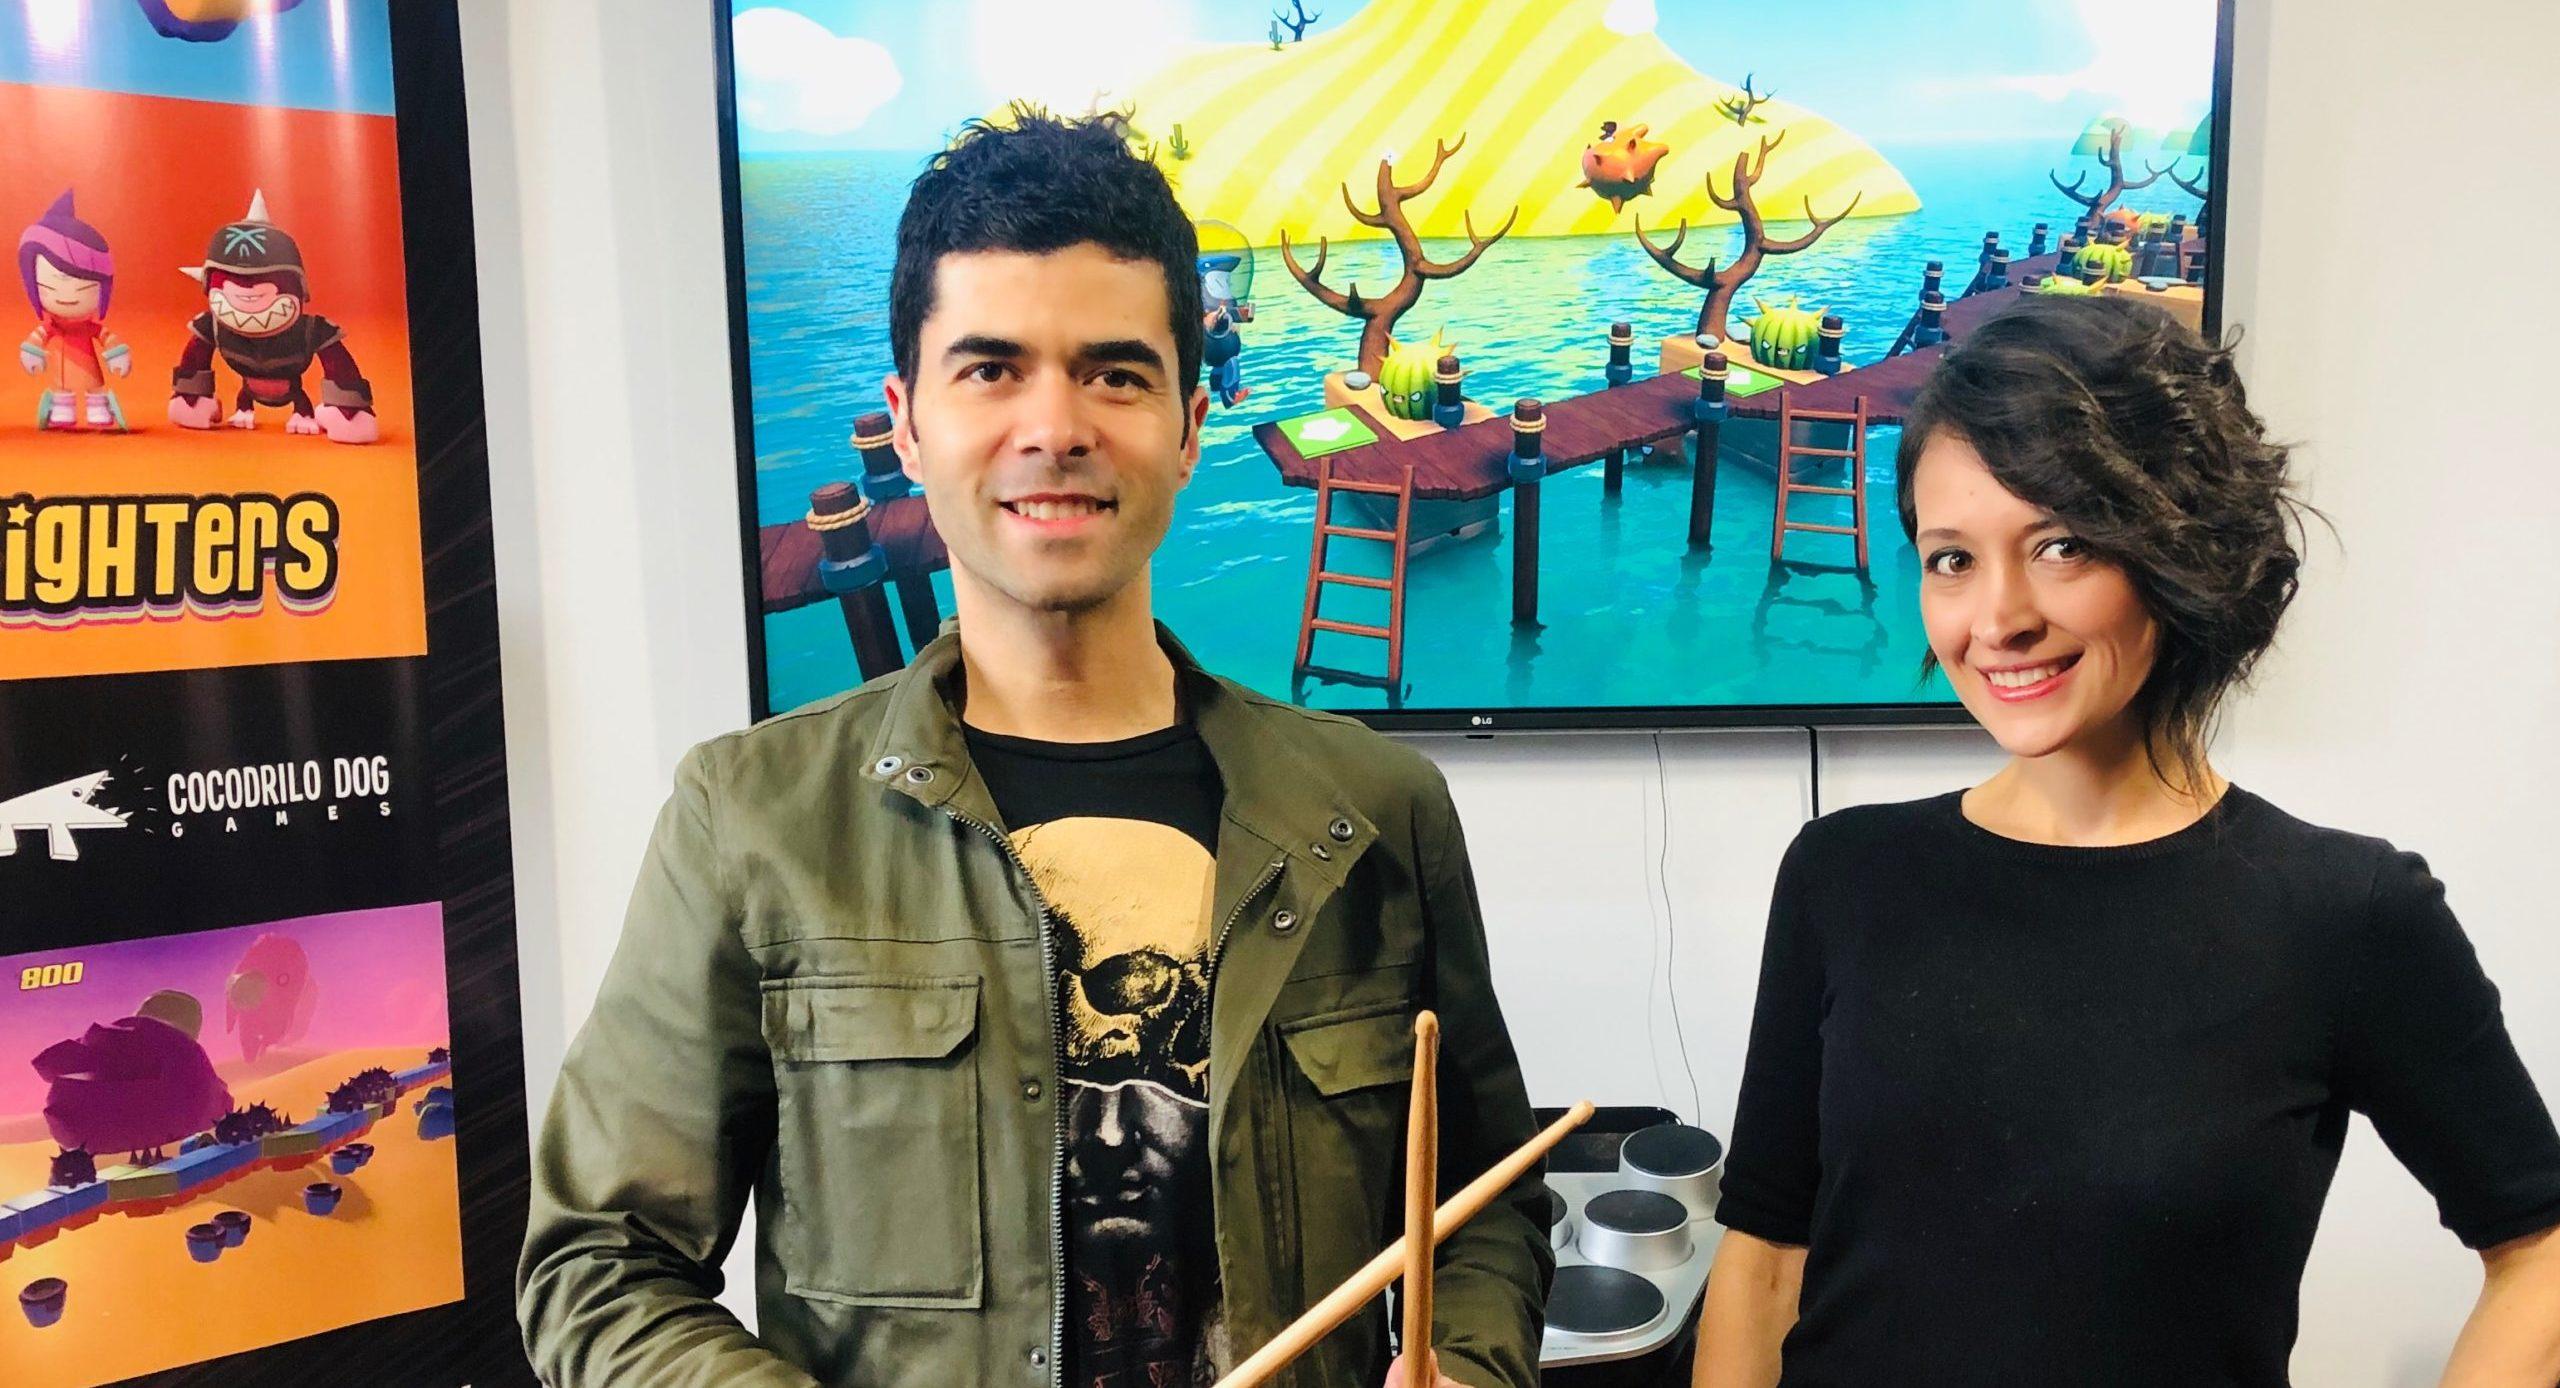 Margarita Torres, соучредитель игровой студии Cocodrilo Dog из Колумбии, о музыкальных видеоиграх